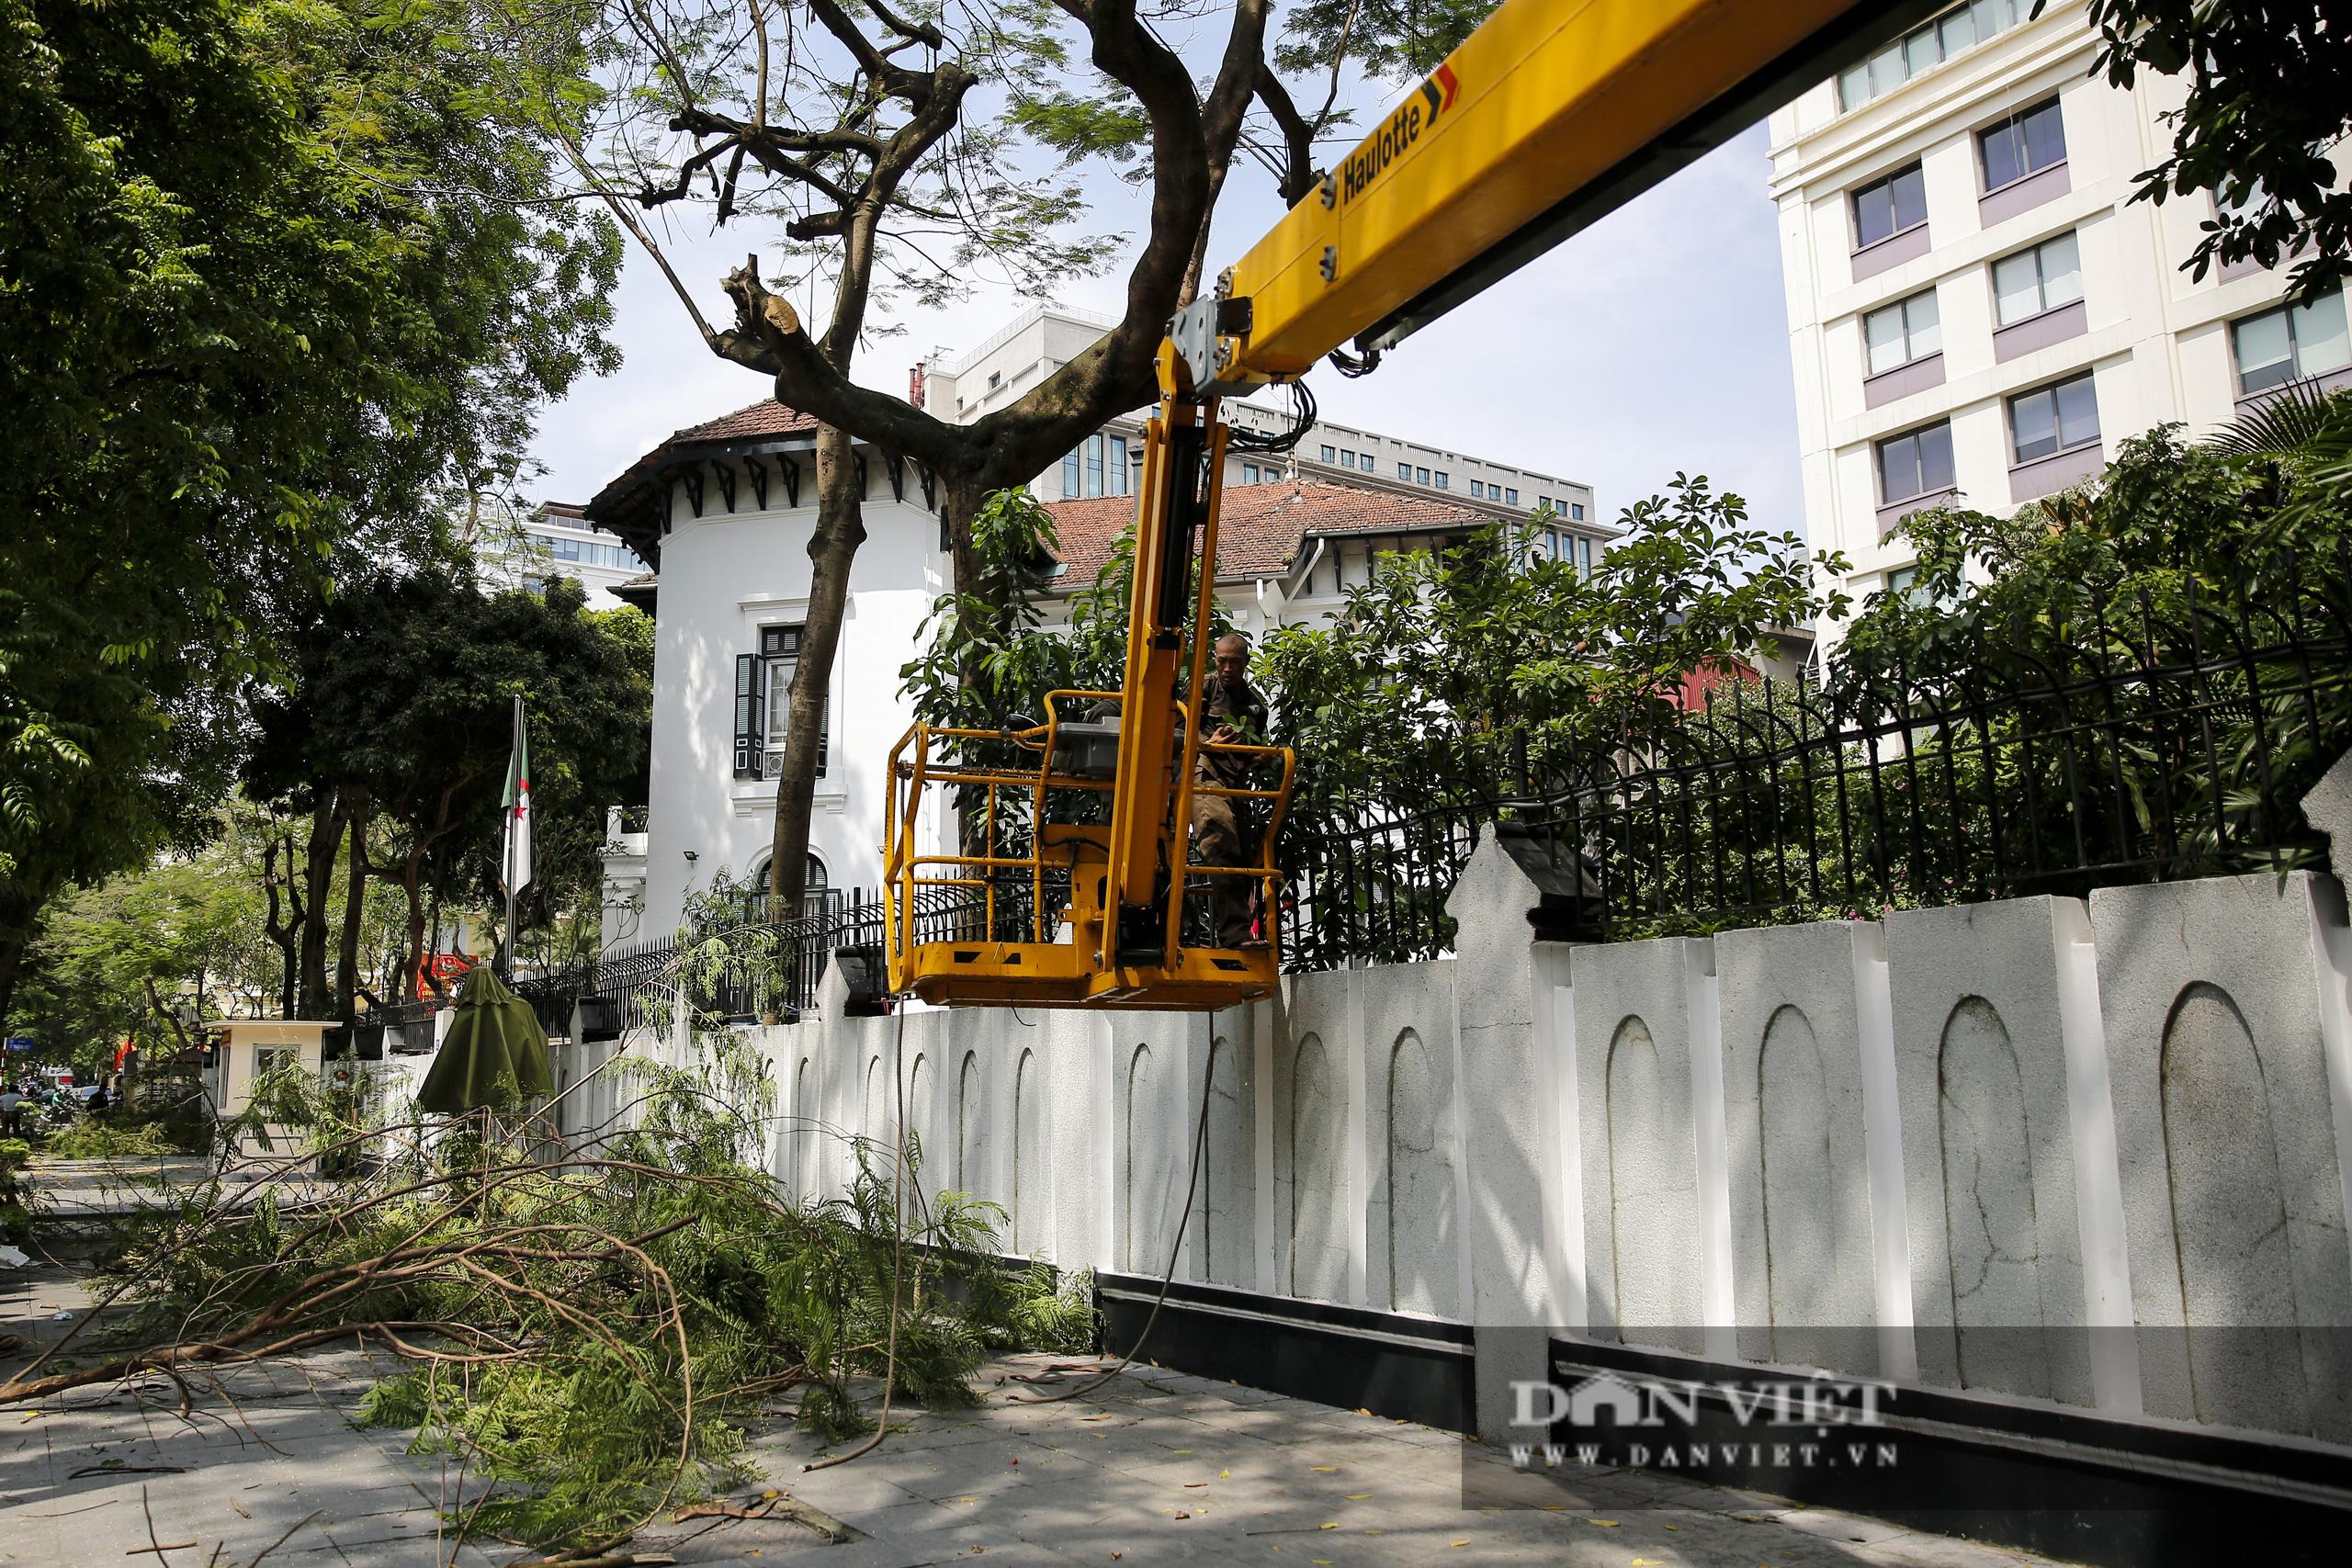 Hà Nội: Dùng xe nâng người dài 26 mét cắt tỉa hơn 20.000 cây nguy hiểm - Ảnh 11.